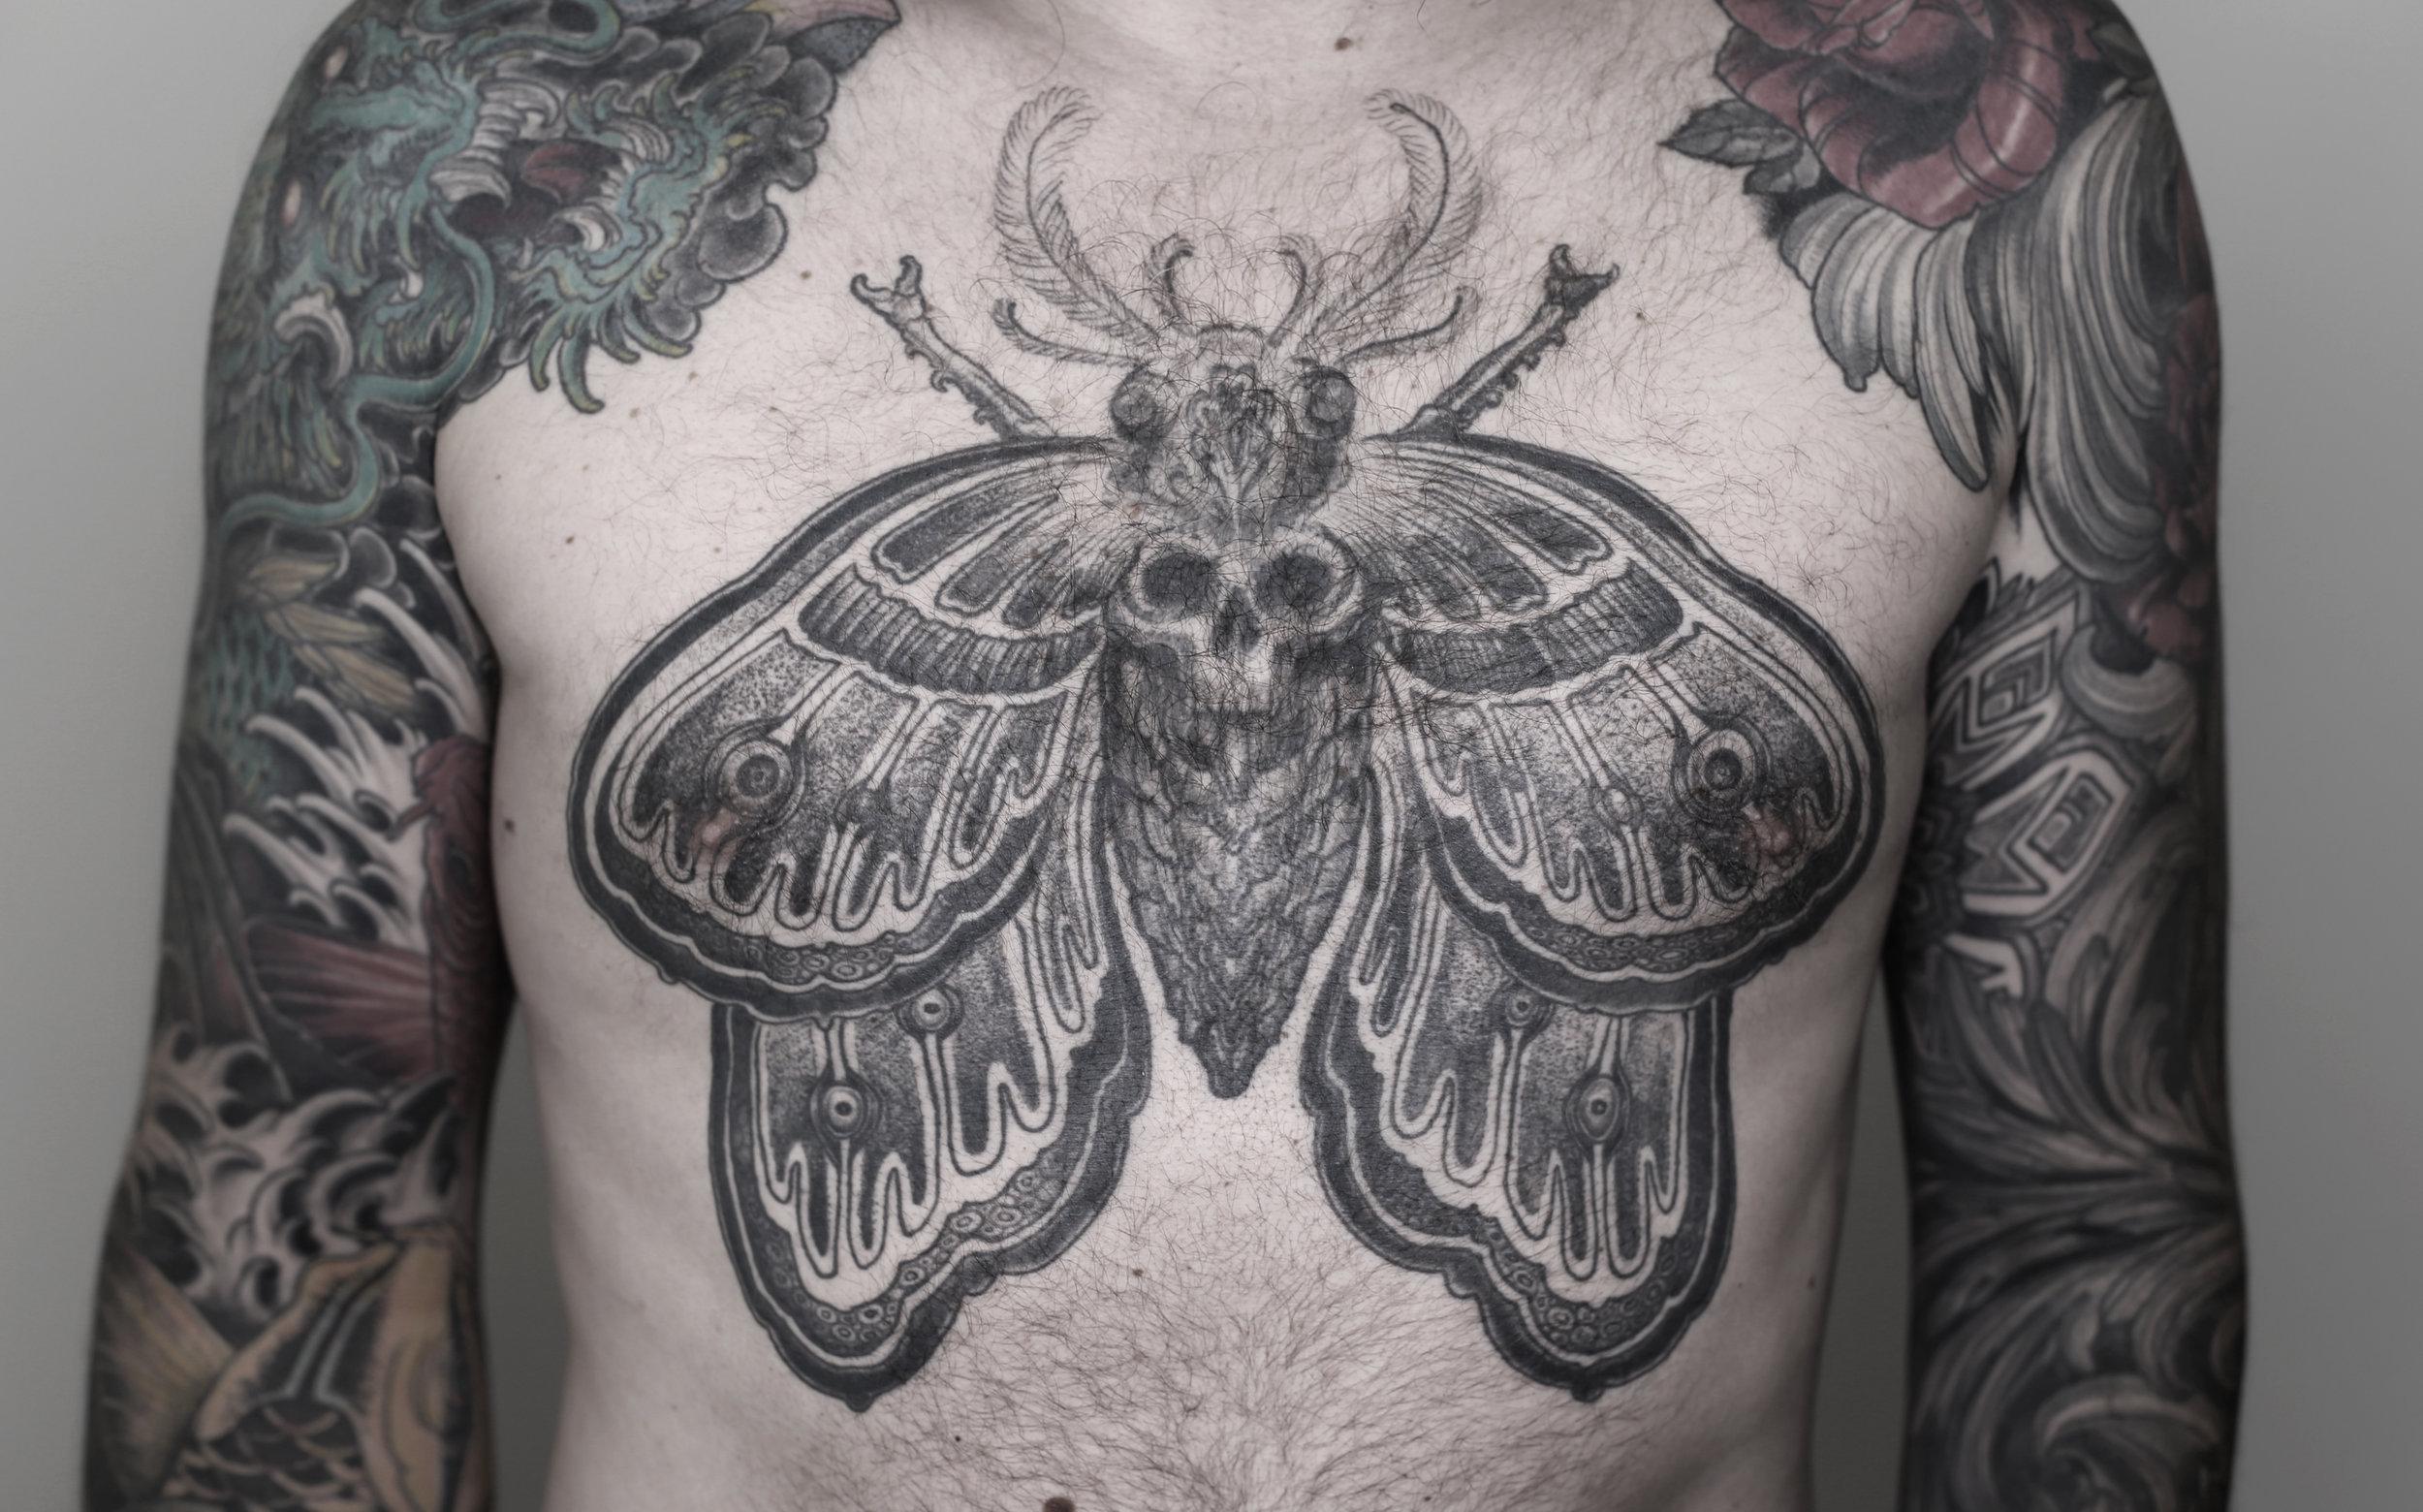 ejay tattoo singleton tattoo ryan tiny victories ink dallas oakcliff .jpg